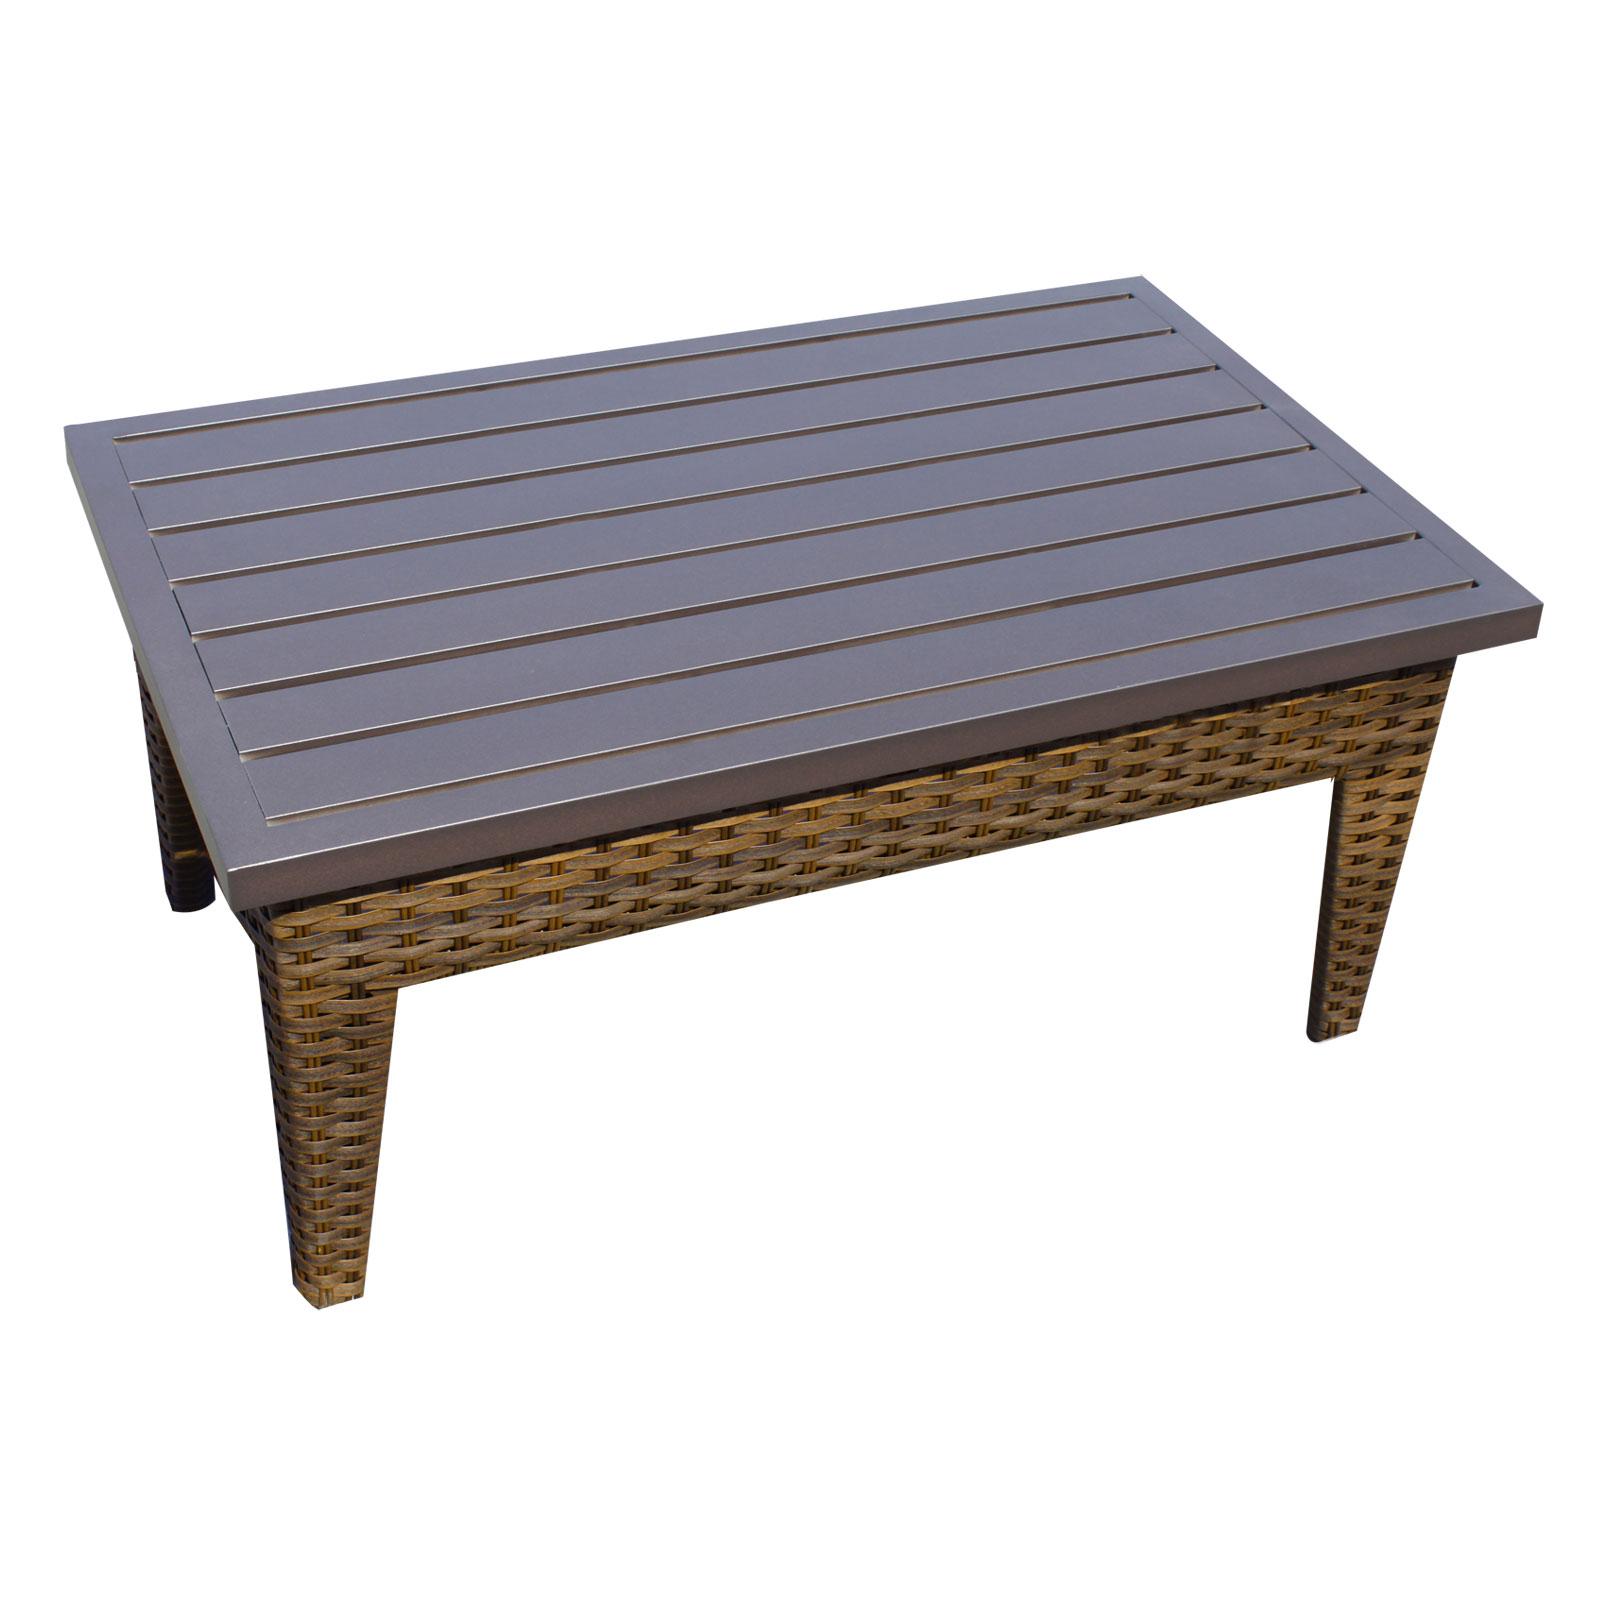 Manhattan 8 Piece Outdoor Wicker Patio Furniture Set 08b